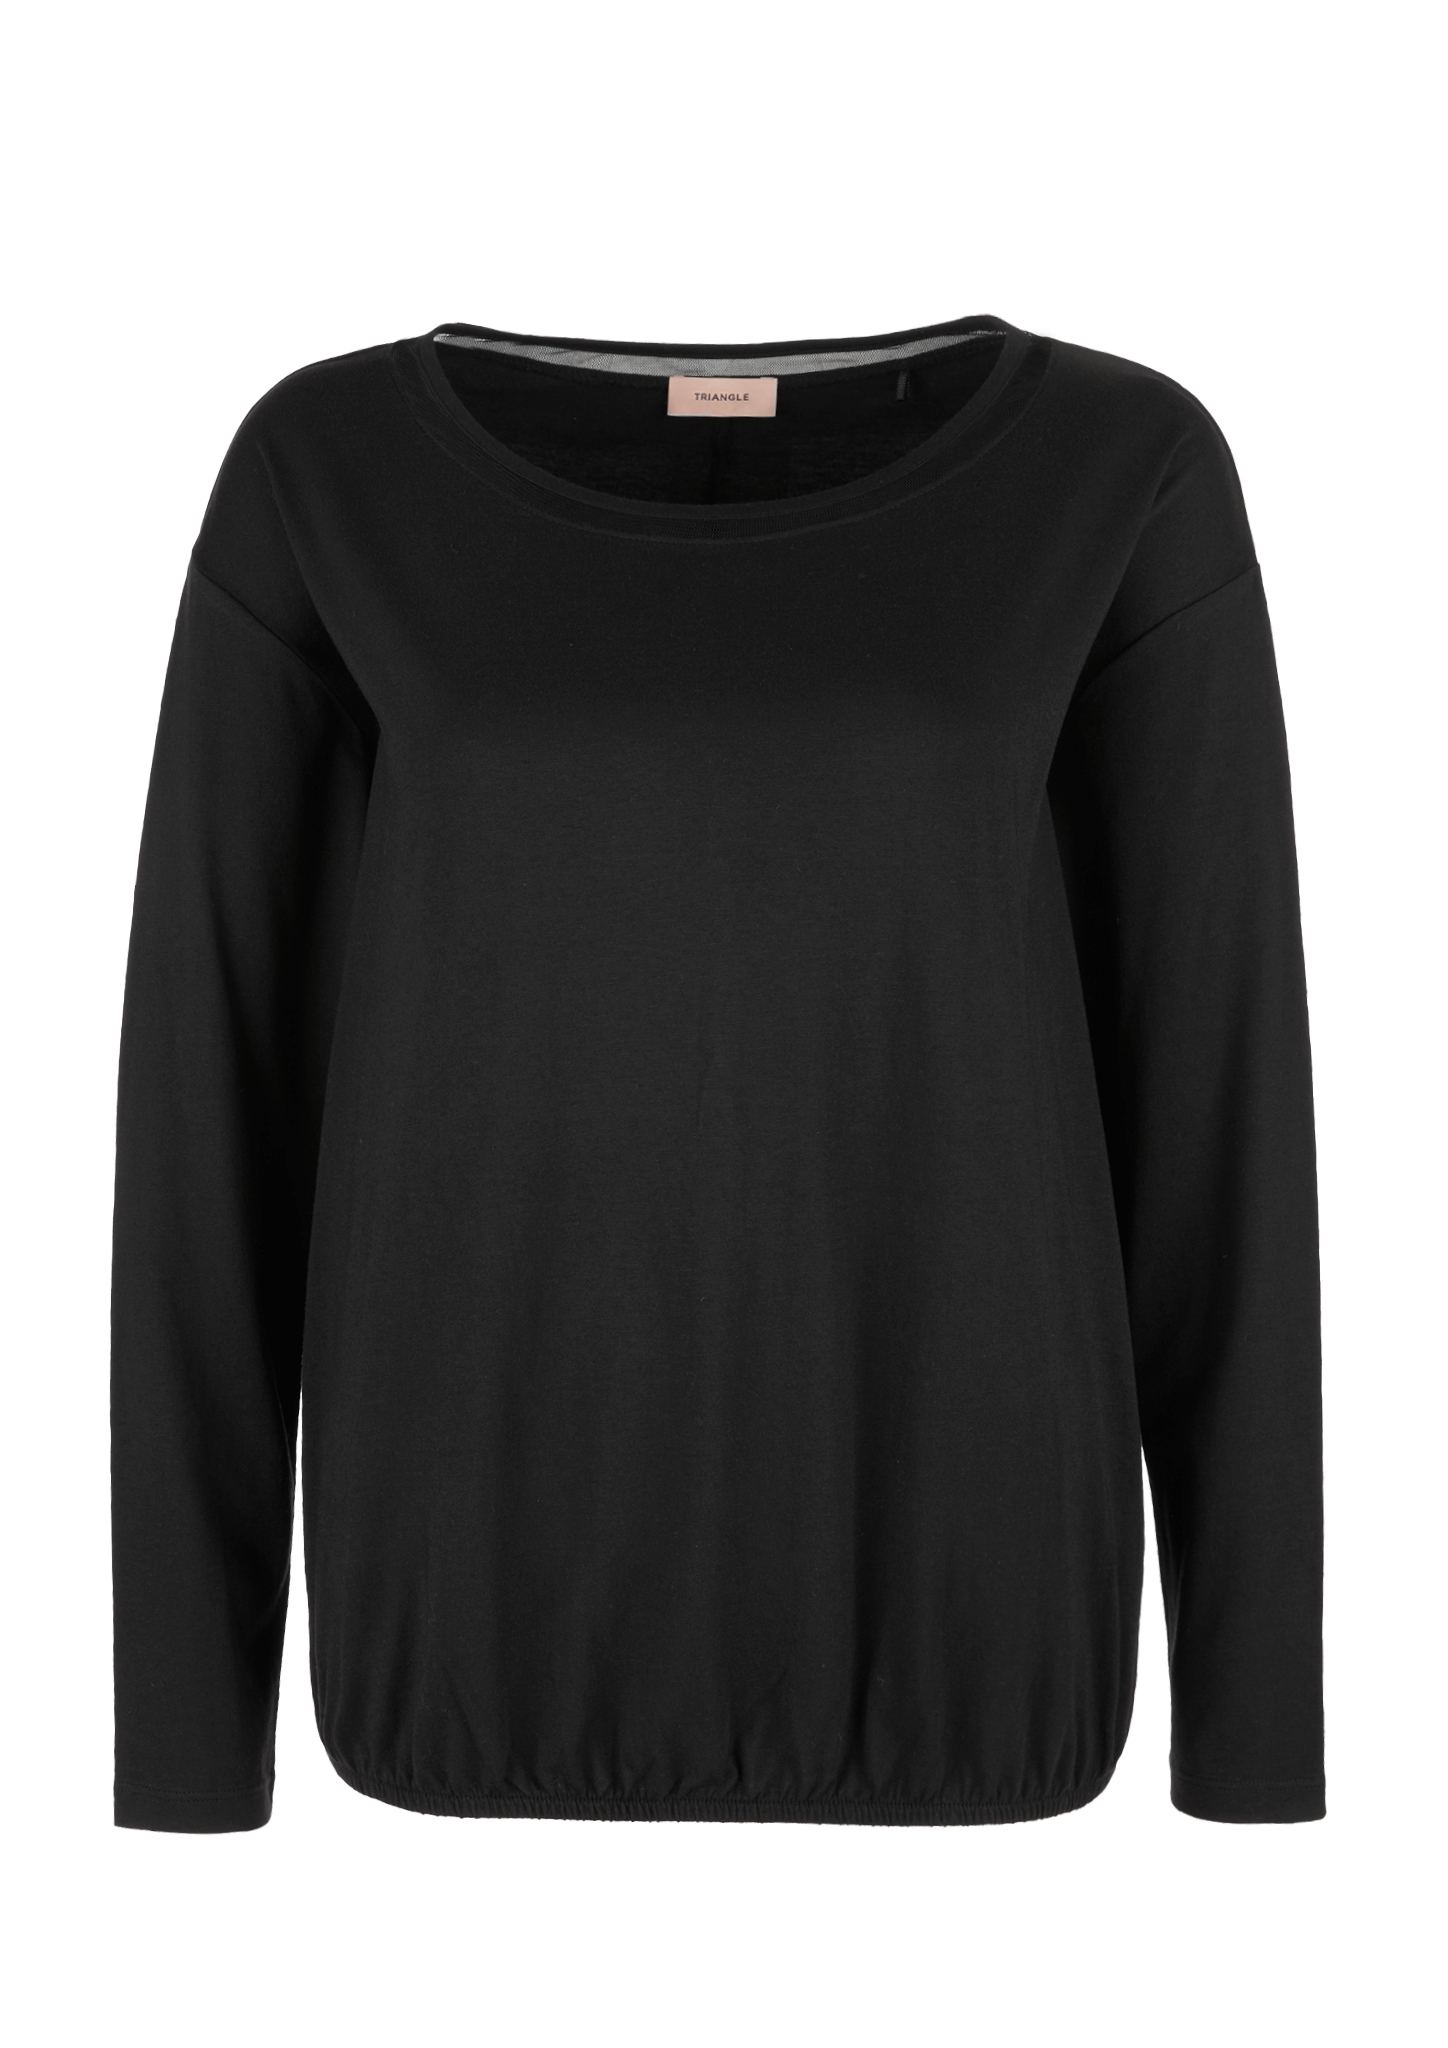 Langarmshirt   Bekleidung > Shirts > Langarmshirts   TRIANGLE